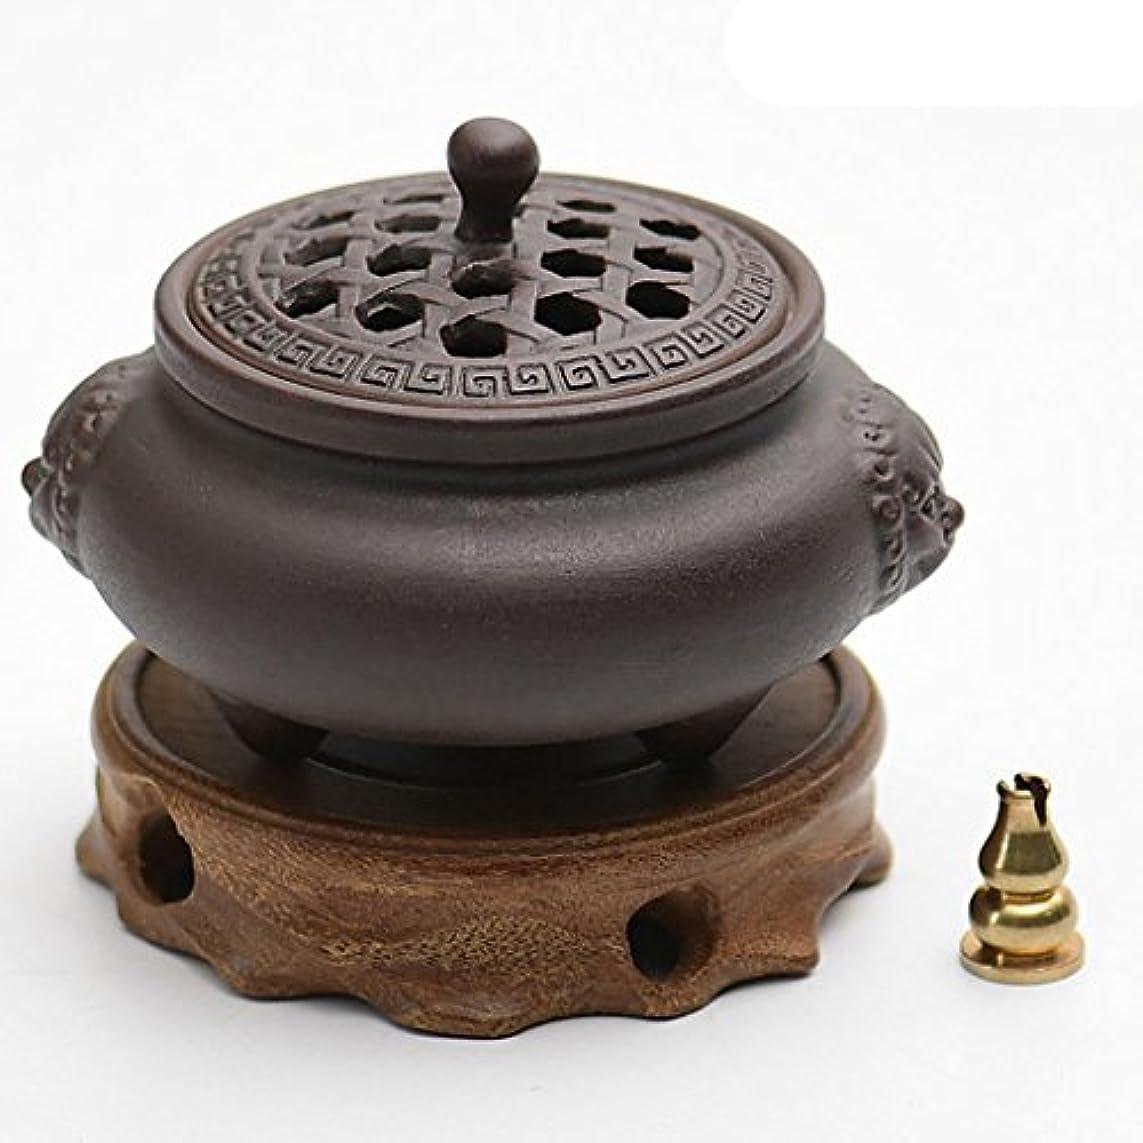 エスニック美しいガレージ(ラシューバー) Lasuiveur 香炉 線香立て 香立て 職人さんの手作り 茶道用品 おしゃれ  木製 透かし彫り